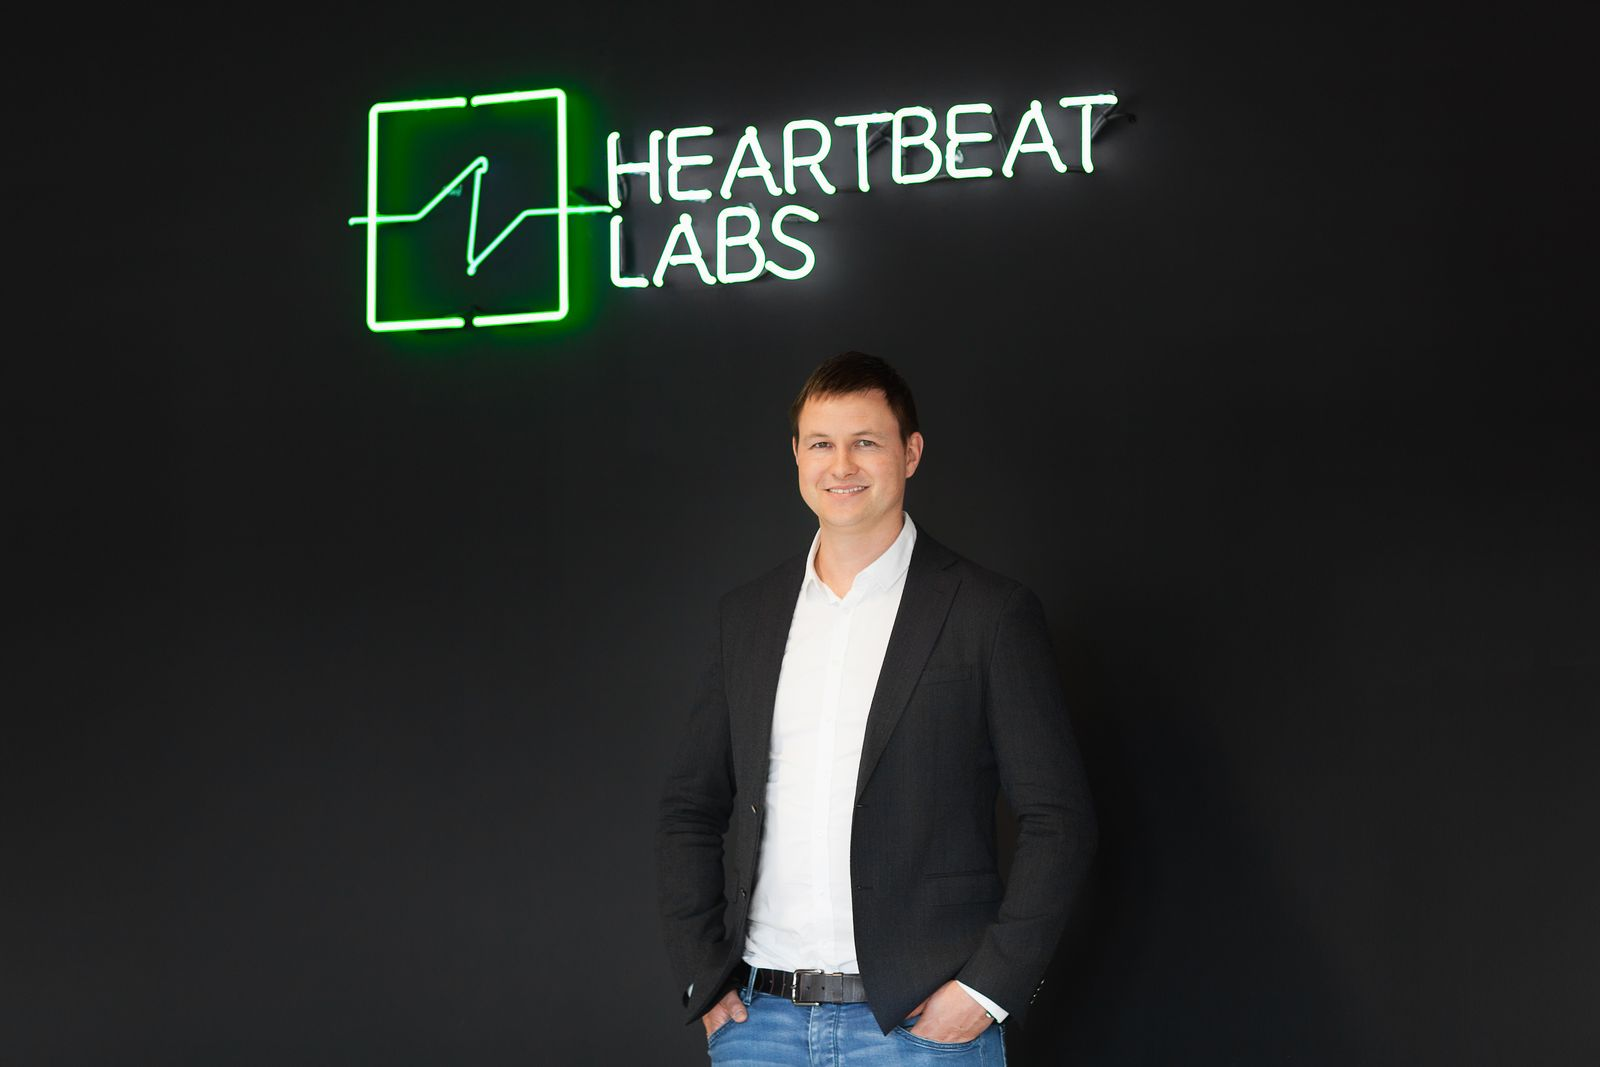 SPERRFRIST 20.7.17 Jan Beckers / Heartbeat Labs